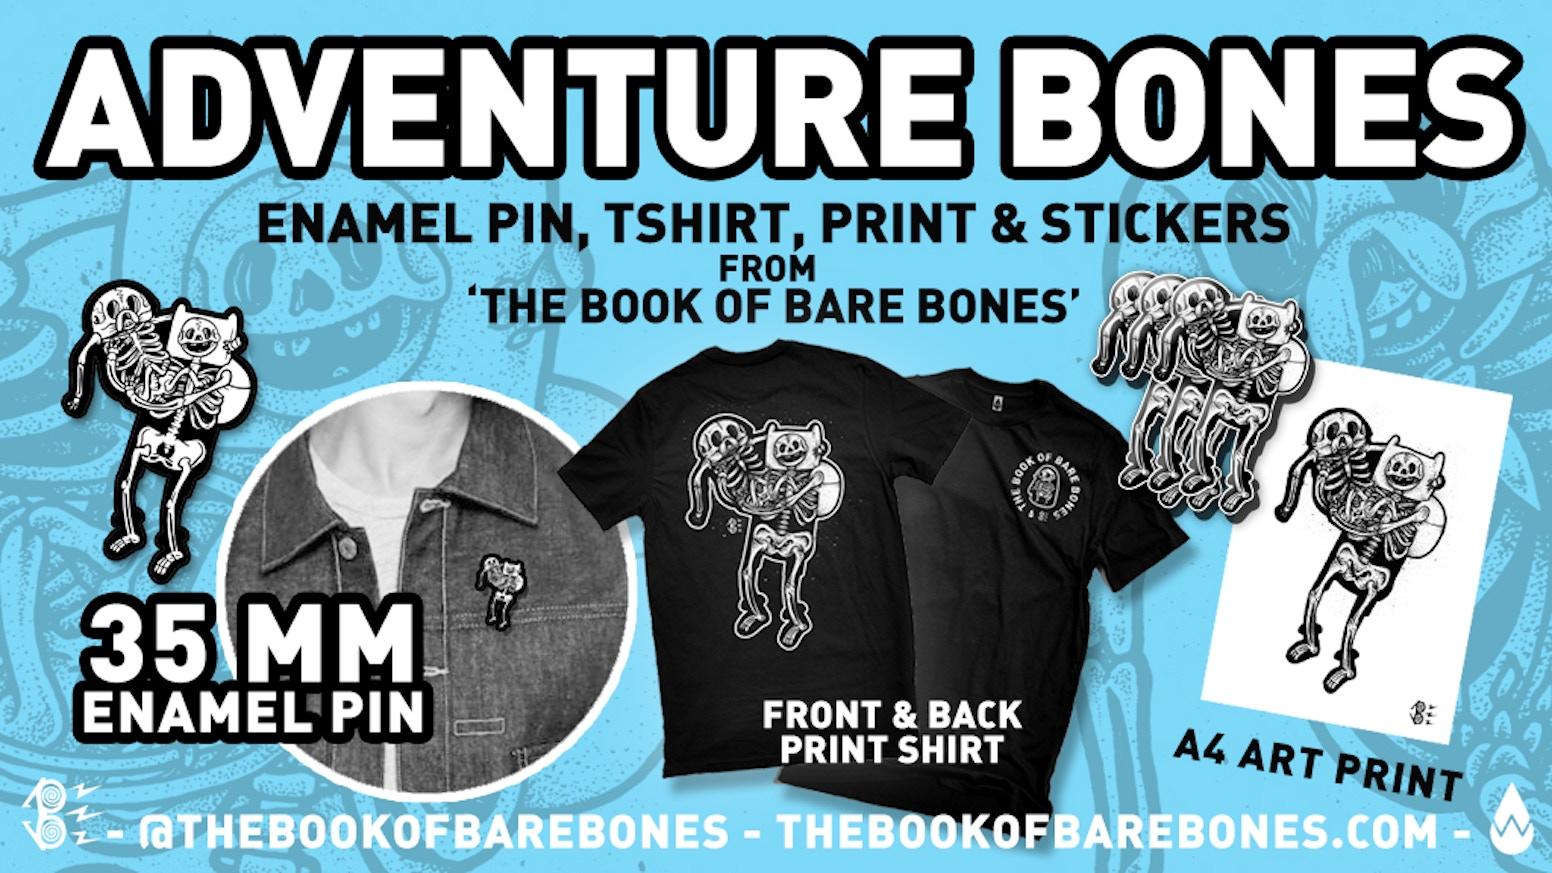 ADVENTURE BONES!